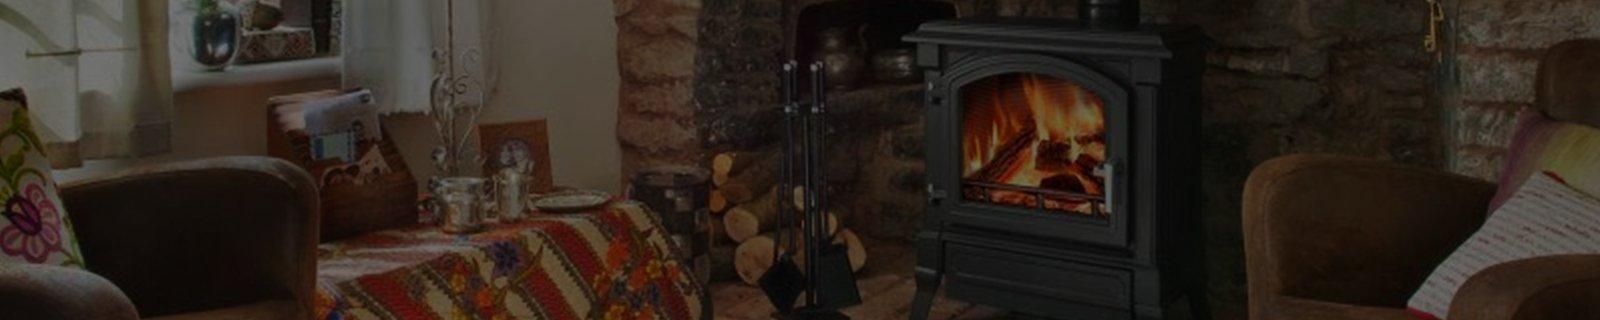 Конвекционная печь камин в интернет-магазине │ Kaminoff.ua